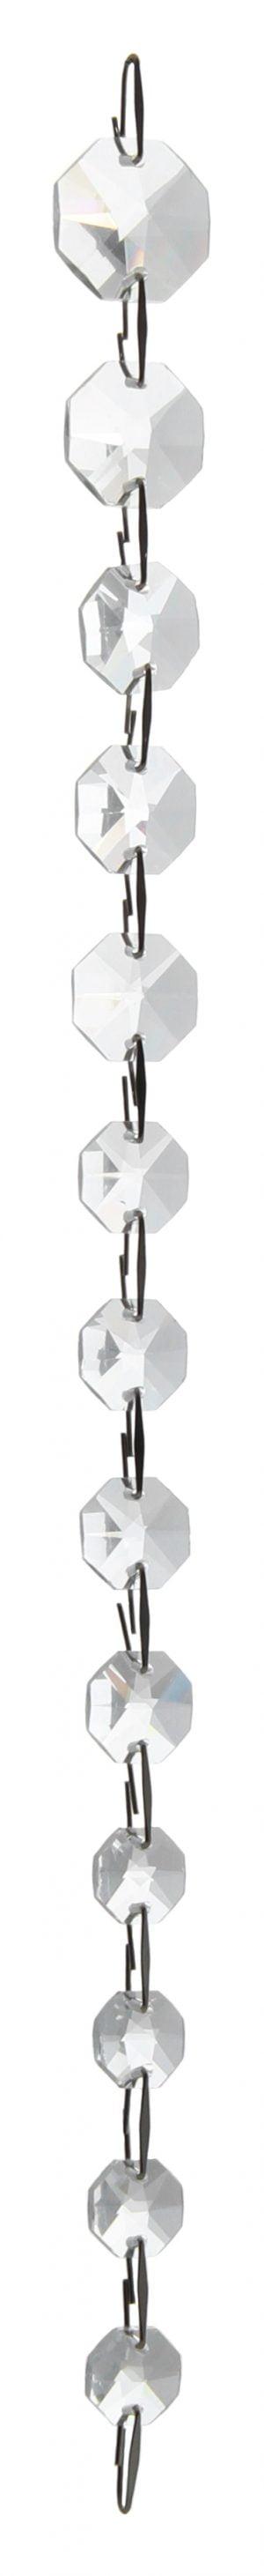 Kirkas kristalliketju, jossa on 13 kahdeksan kulmaista kristallia. Kristallit pienenevät ylhäältä alaspäin. Kristallien välissä on teräksen väriset lenkit.